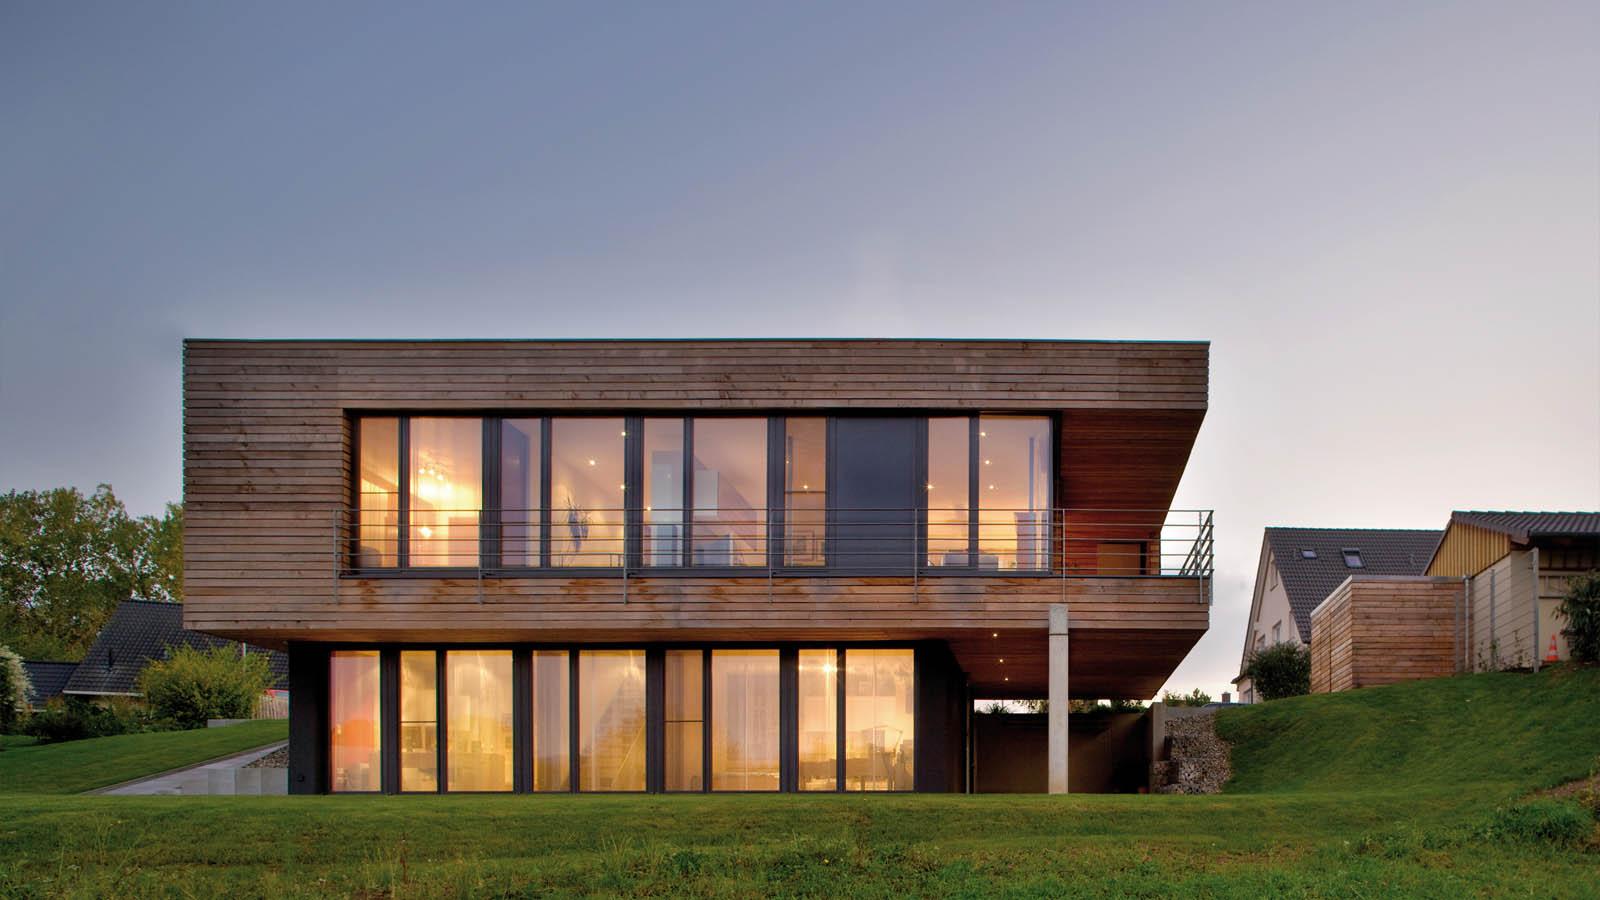 H2m Architekten f1 wohnbox am hang h2m architekten ingenieure stadtplaner